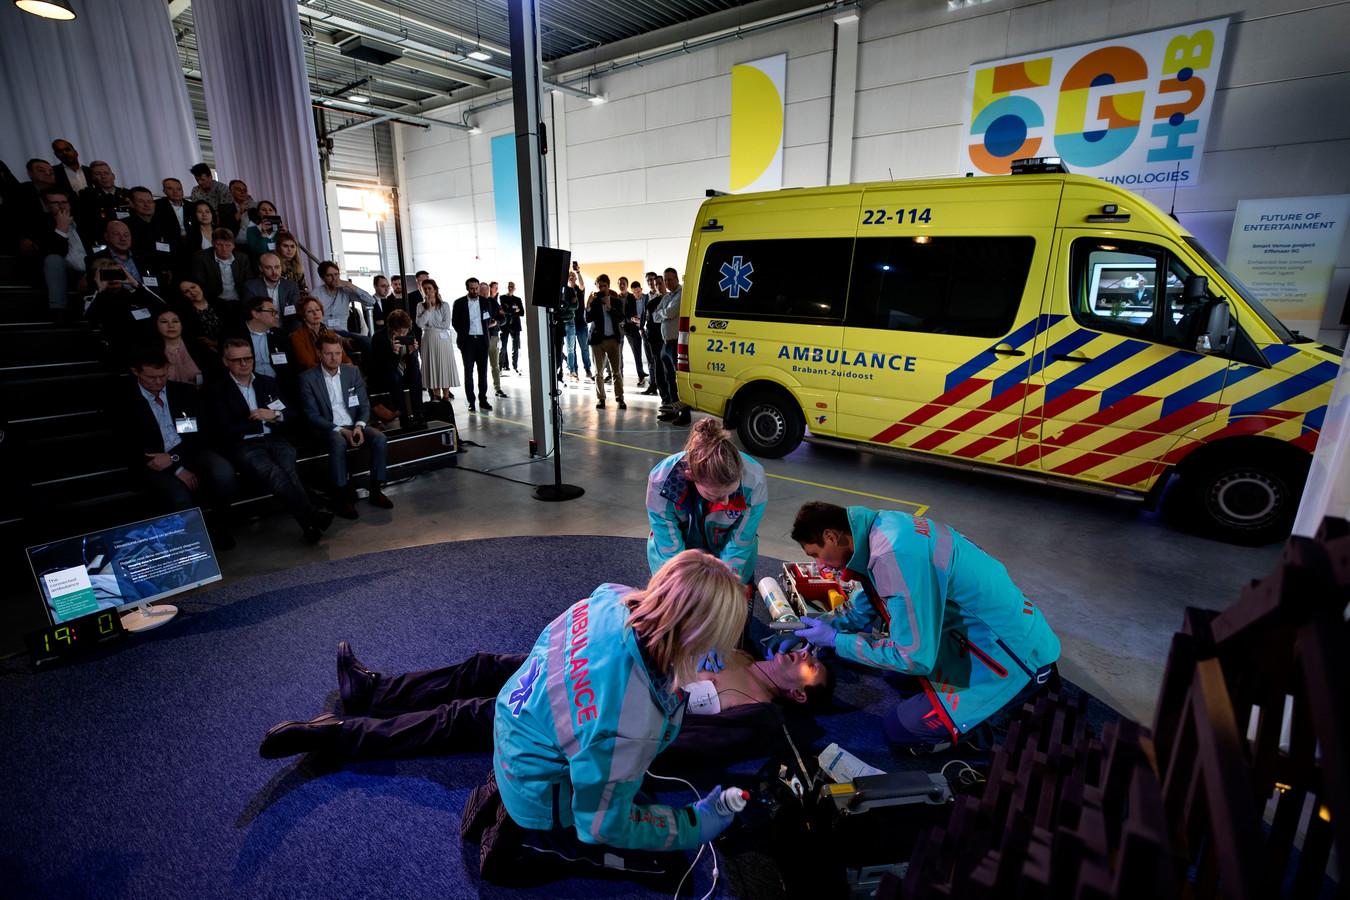 Demo: ambulancemedewerkers redden een 'patiënt' dankzij de inzet van 5G communicatie.